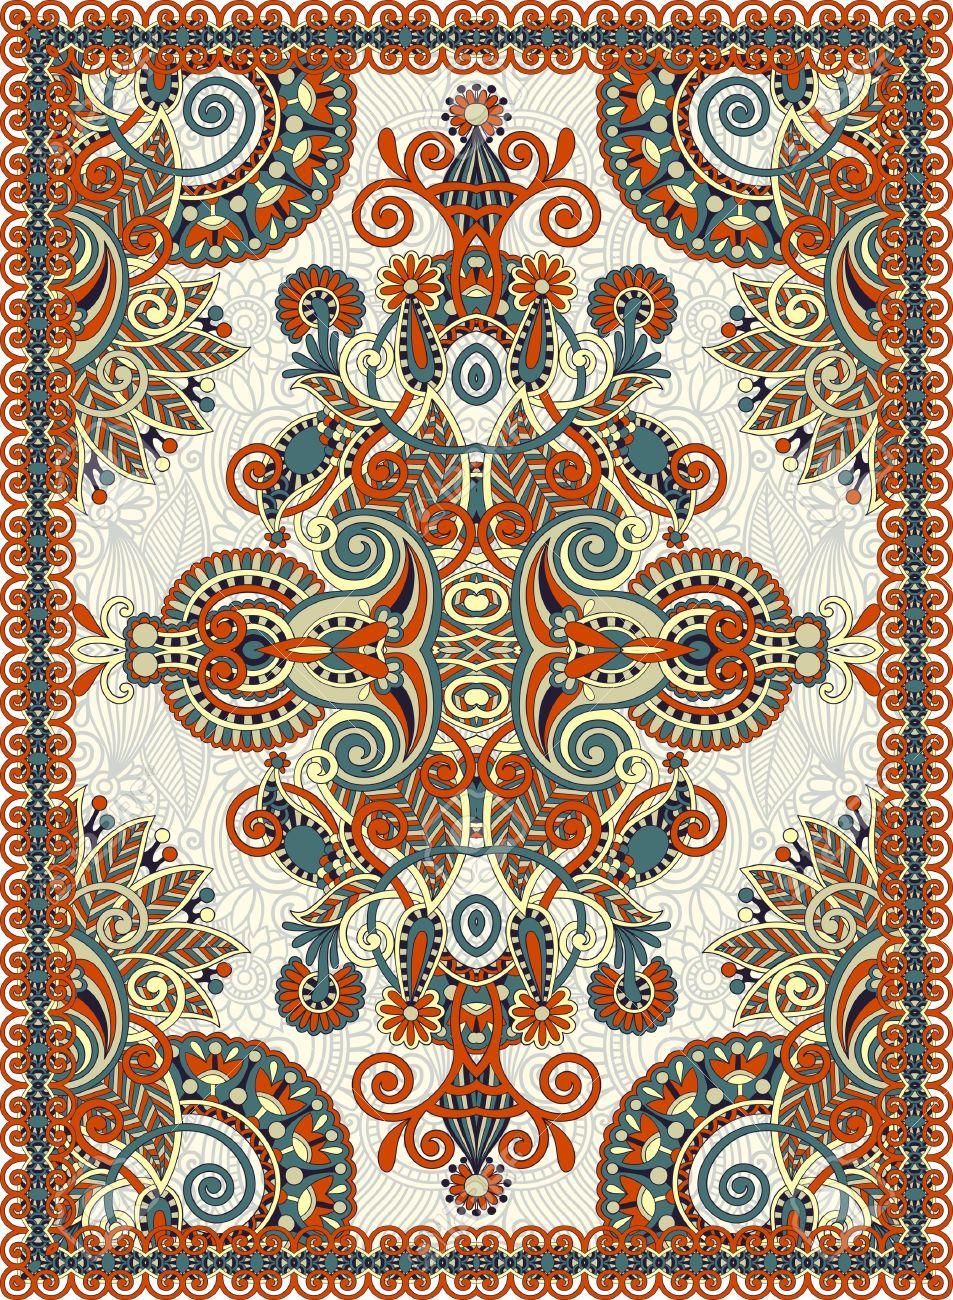 Ukrainian Oriental Floral Ornamental Seamless Carpet Design.